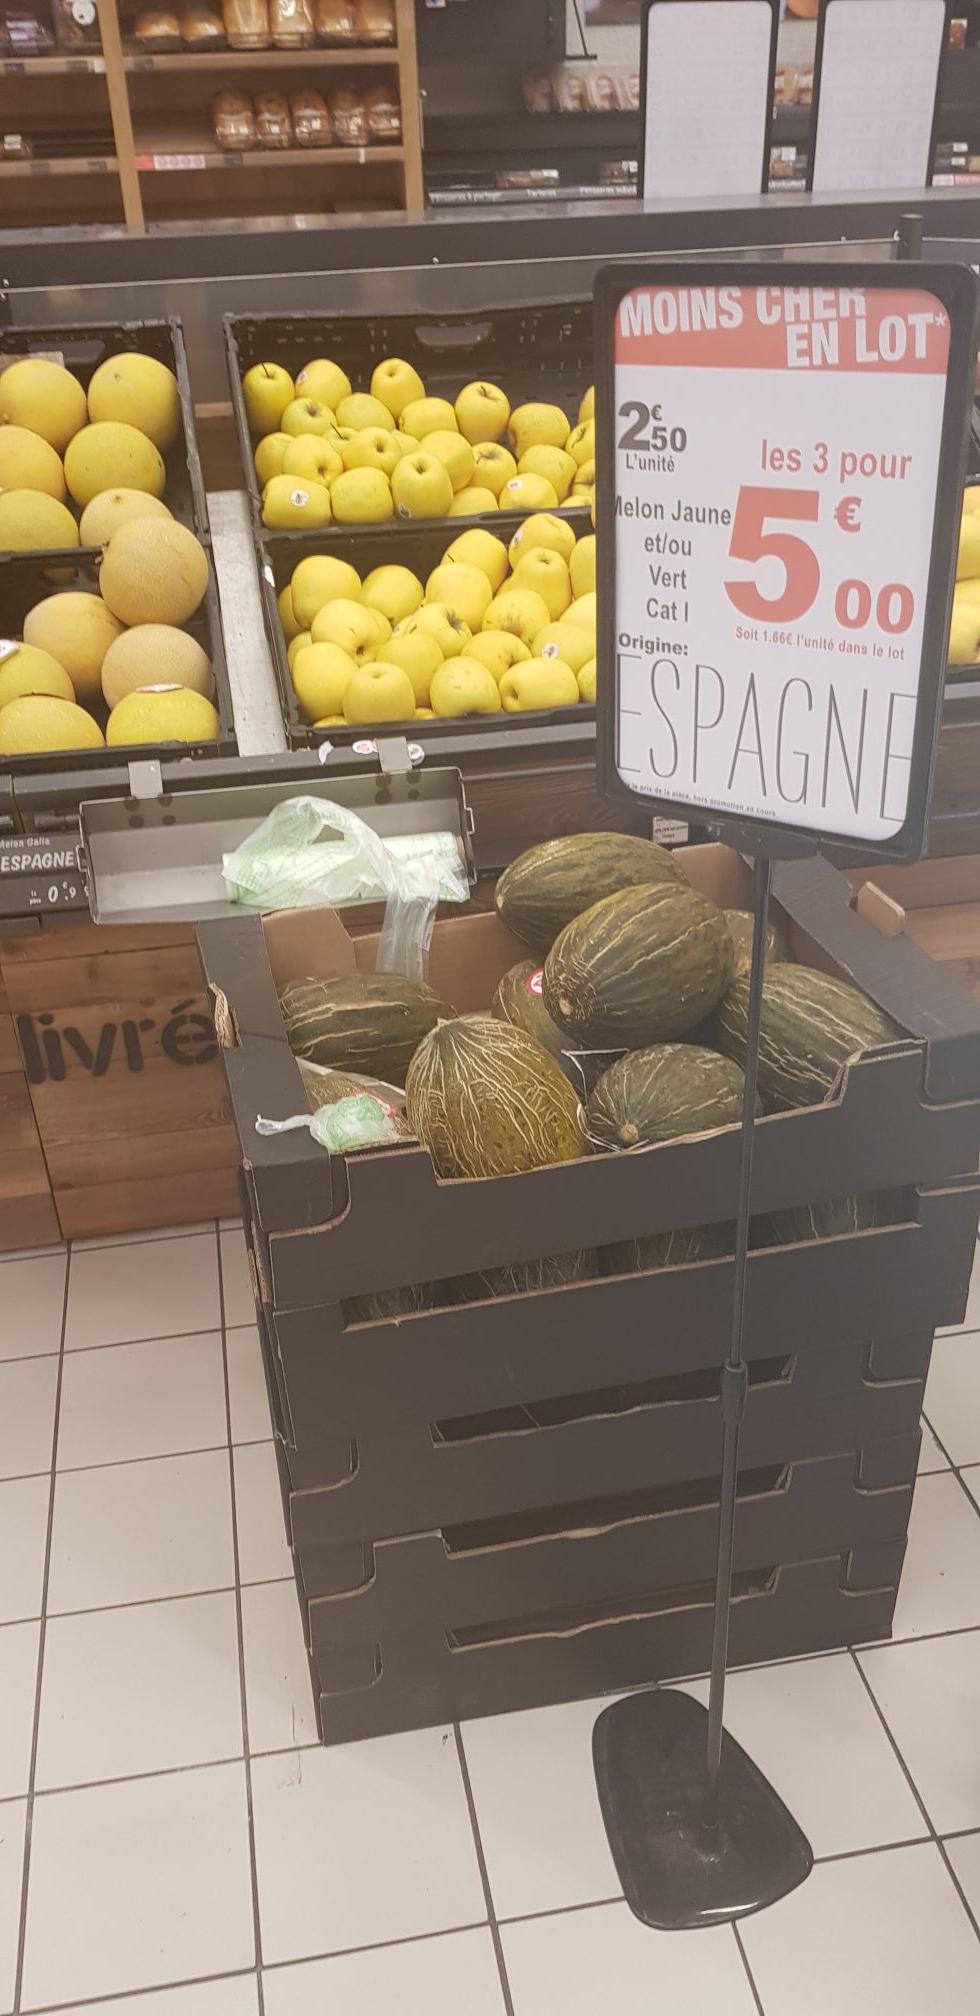 Lot de 3 melons jaunes ou verts - Le Crès (34)